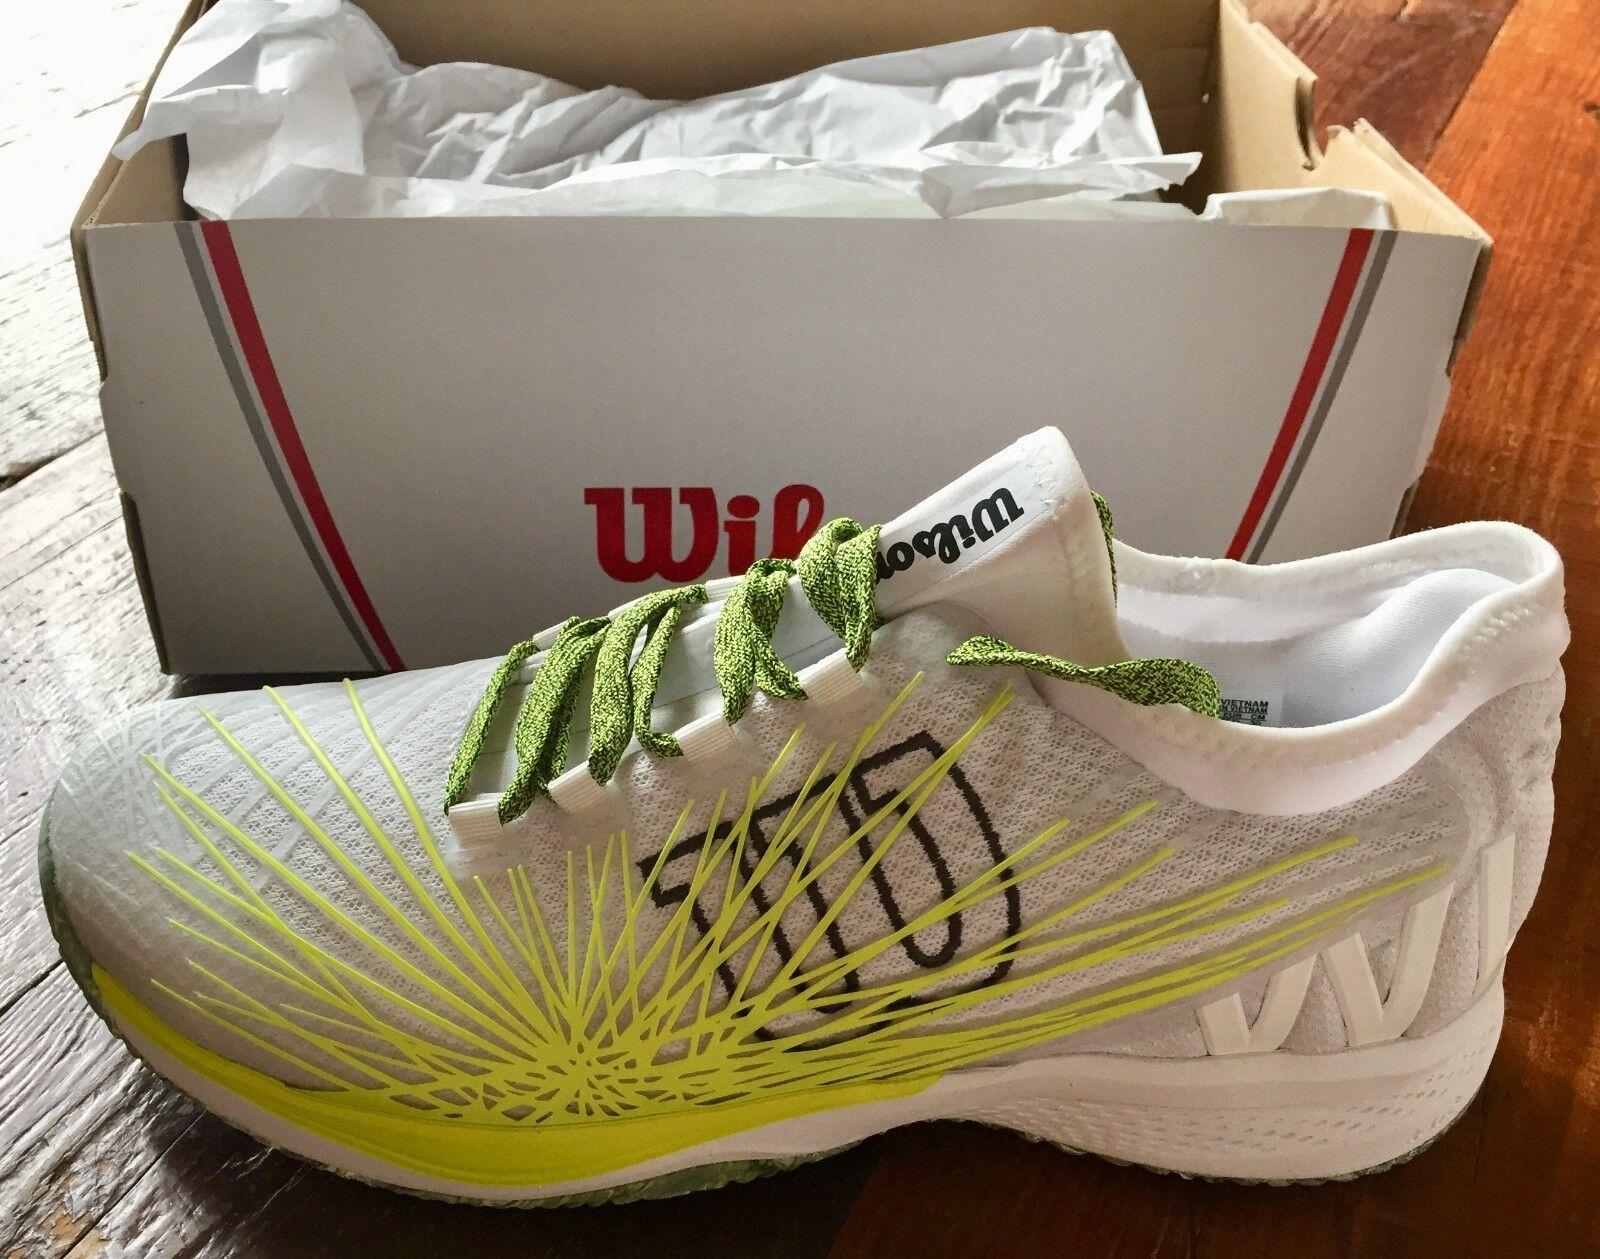 Wilson Kaos 2.0 Sft Para Hombre Zapato De Tenis Nuevo Con Etiquetas